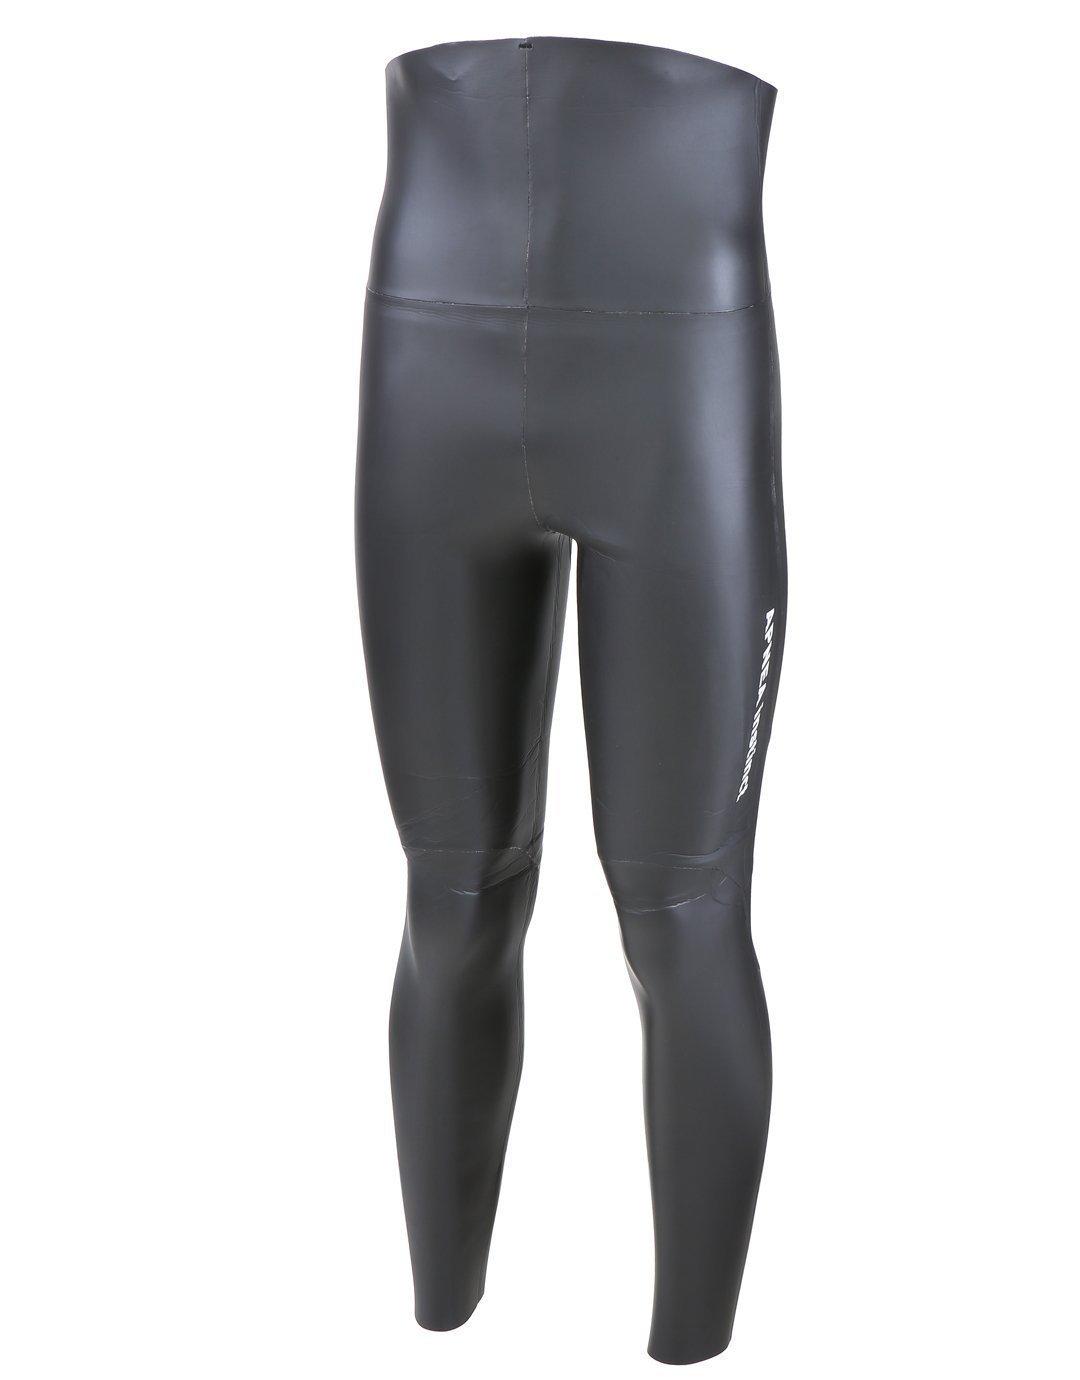 Mares Apnea Instinct 17 Freediving Pant (2)